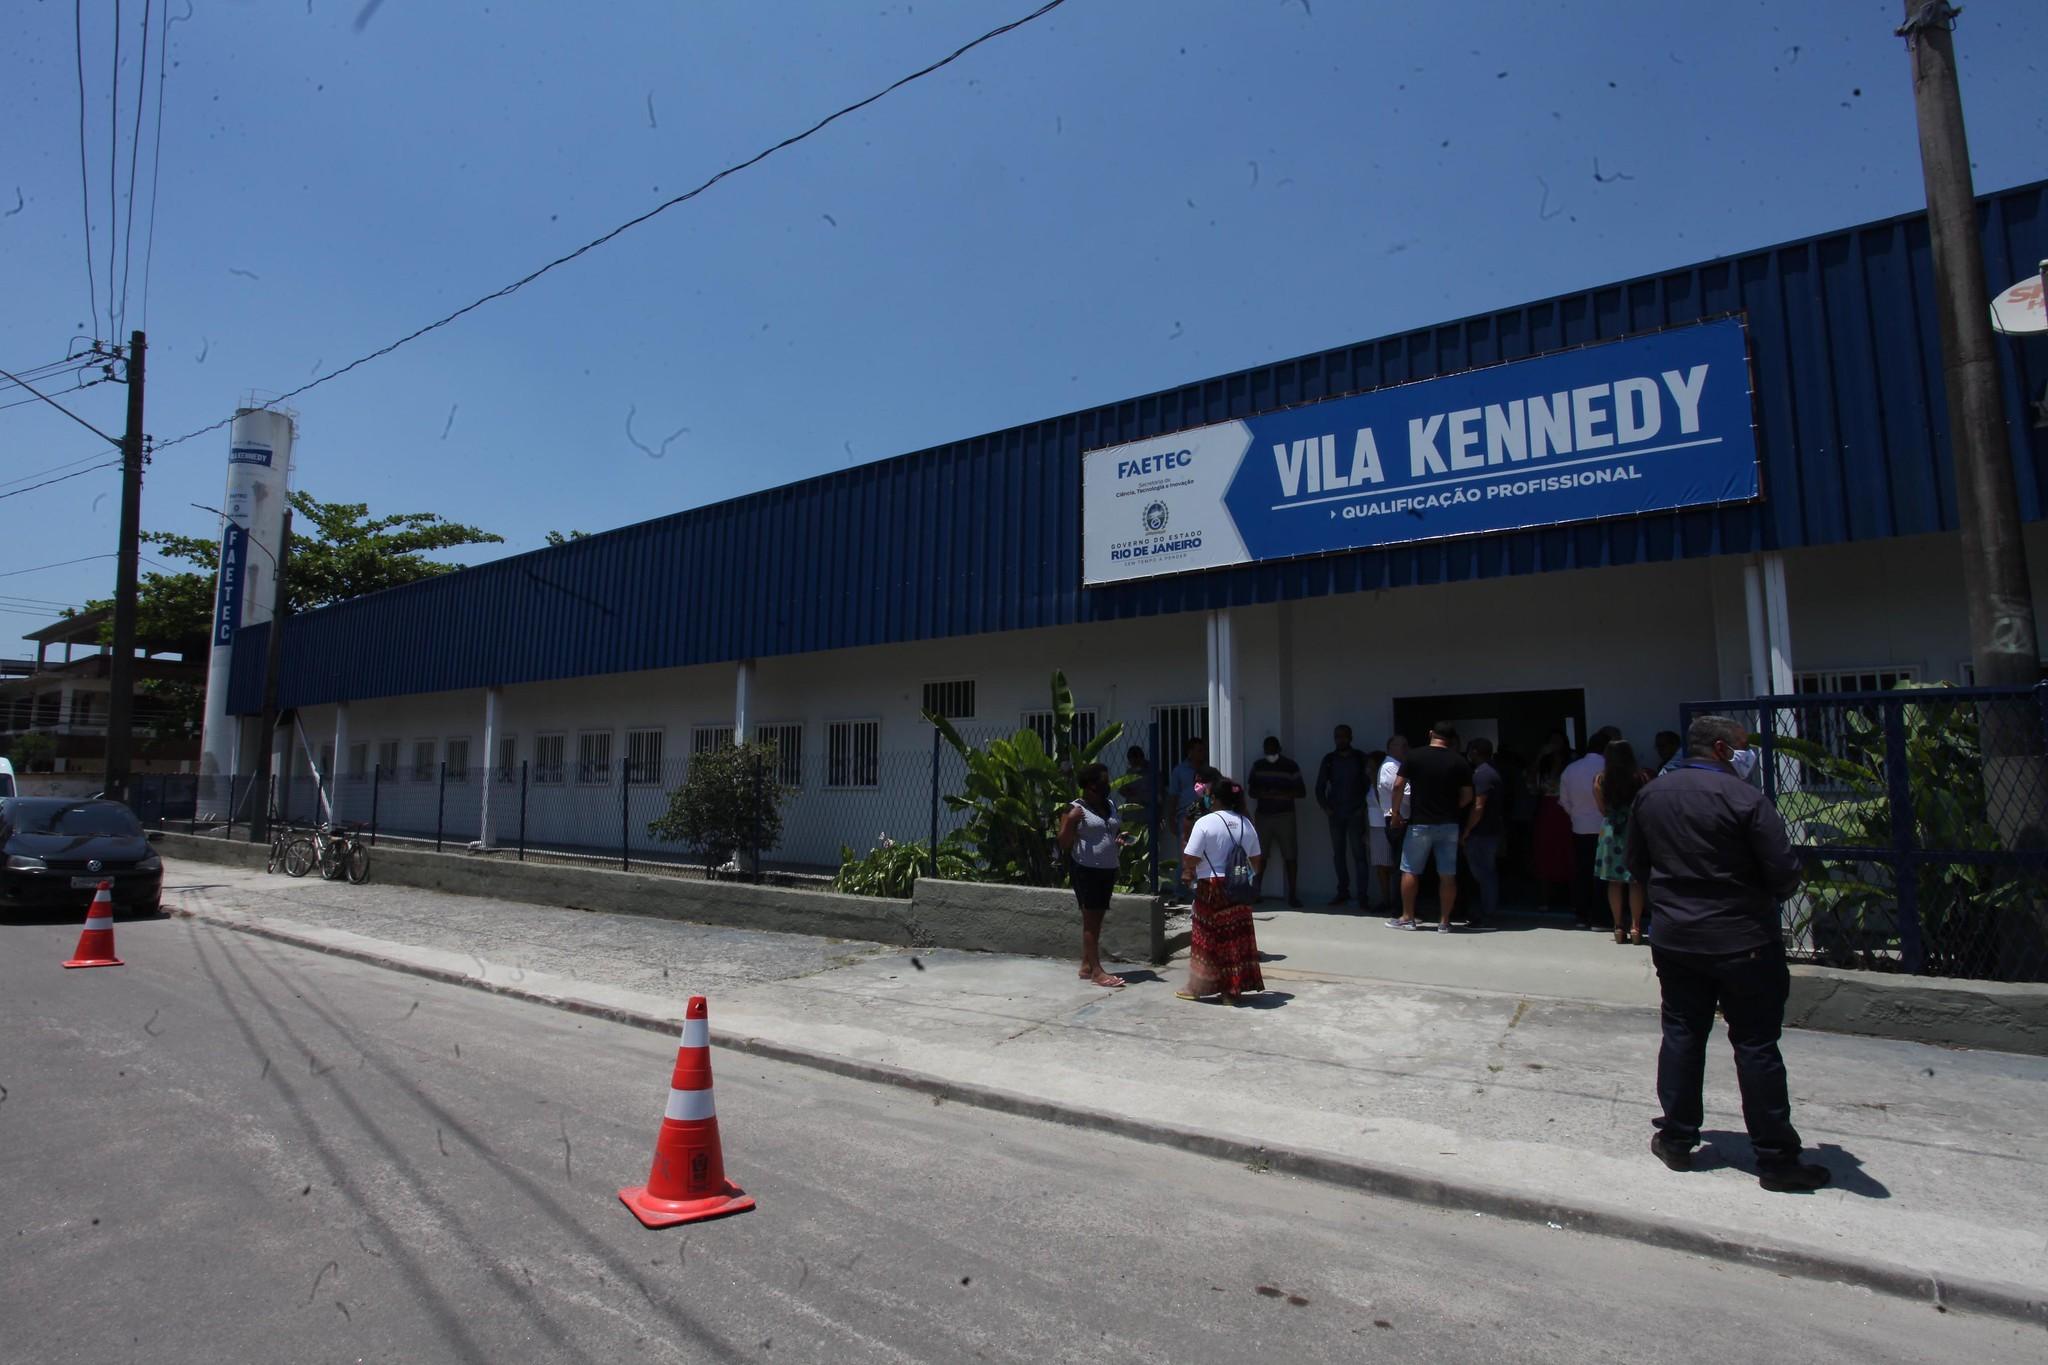 Faetec reinaugura unidade na Vila Kennedy, Rio, que abriu há 7 anos, mas nunca chegou a ter aulas